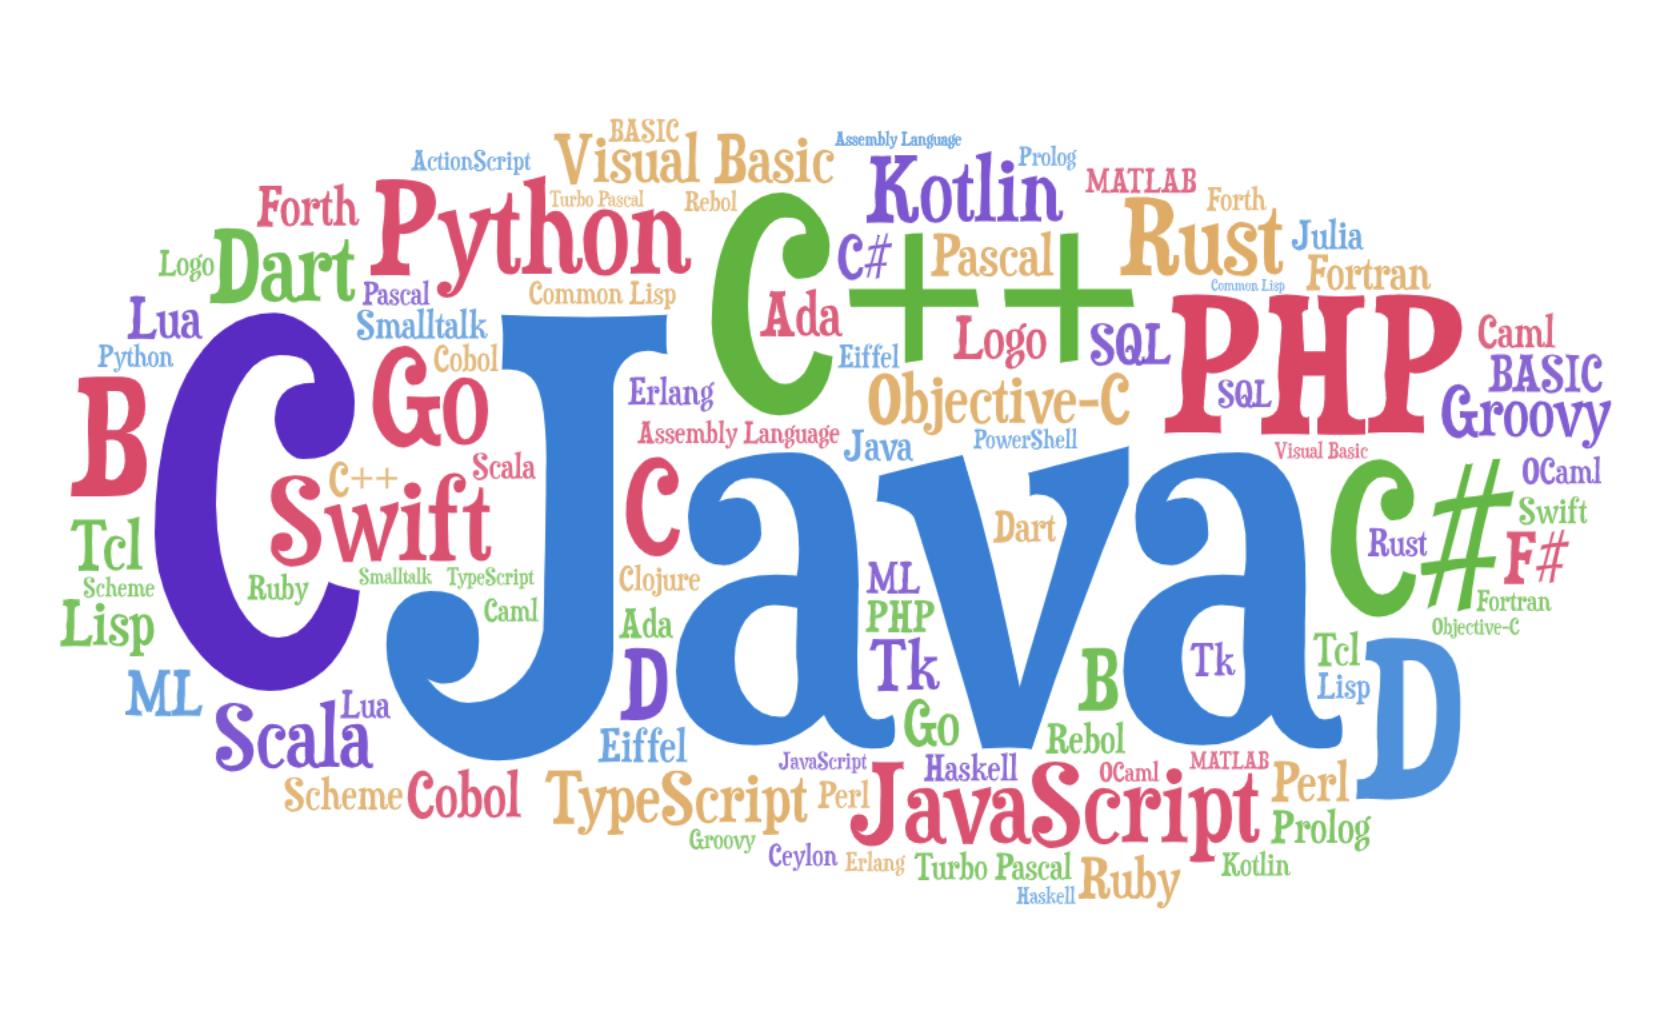 برنامه نویسی را با چه زبانی شروع کنیم ؟